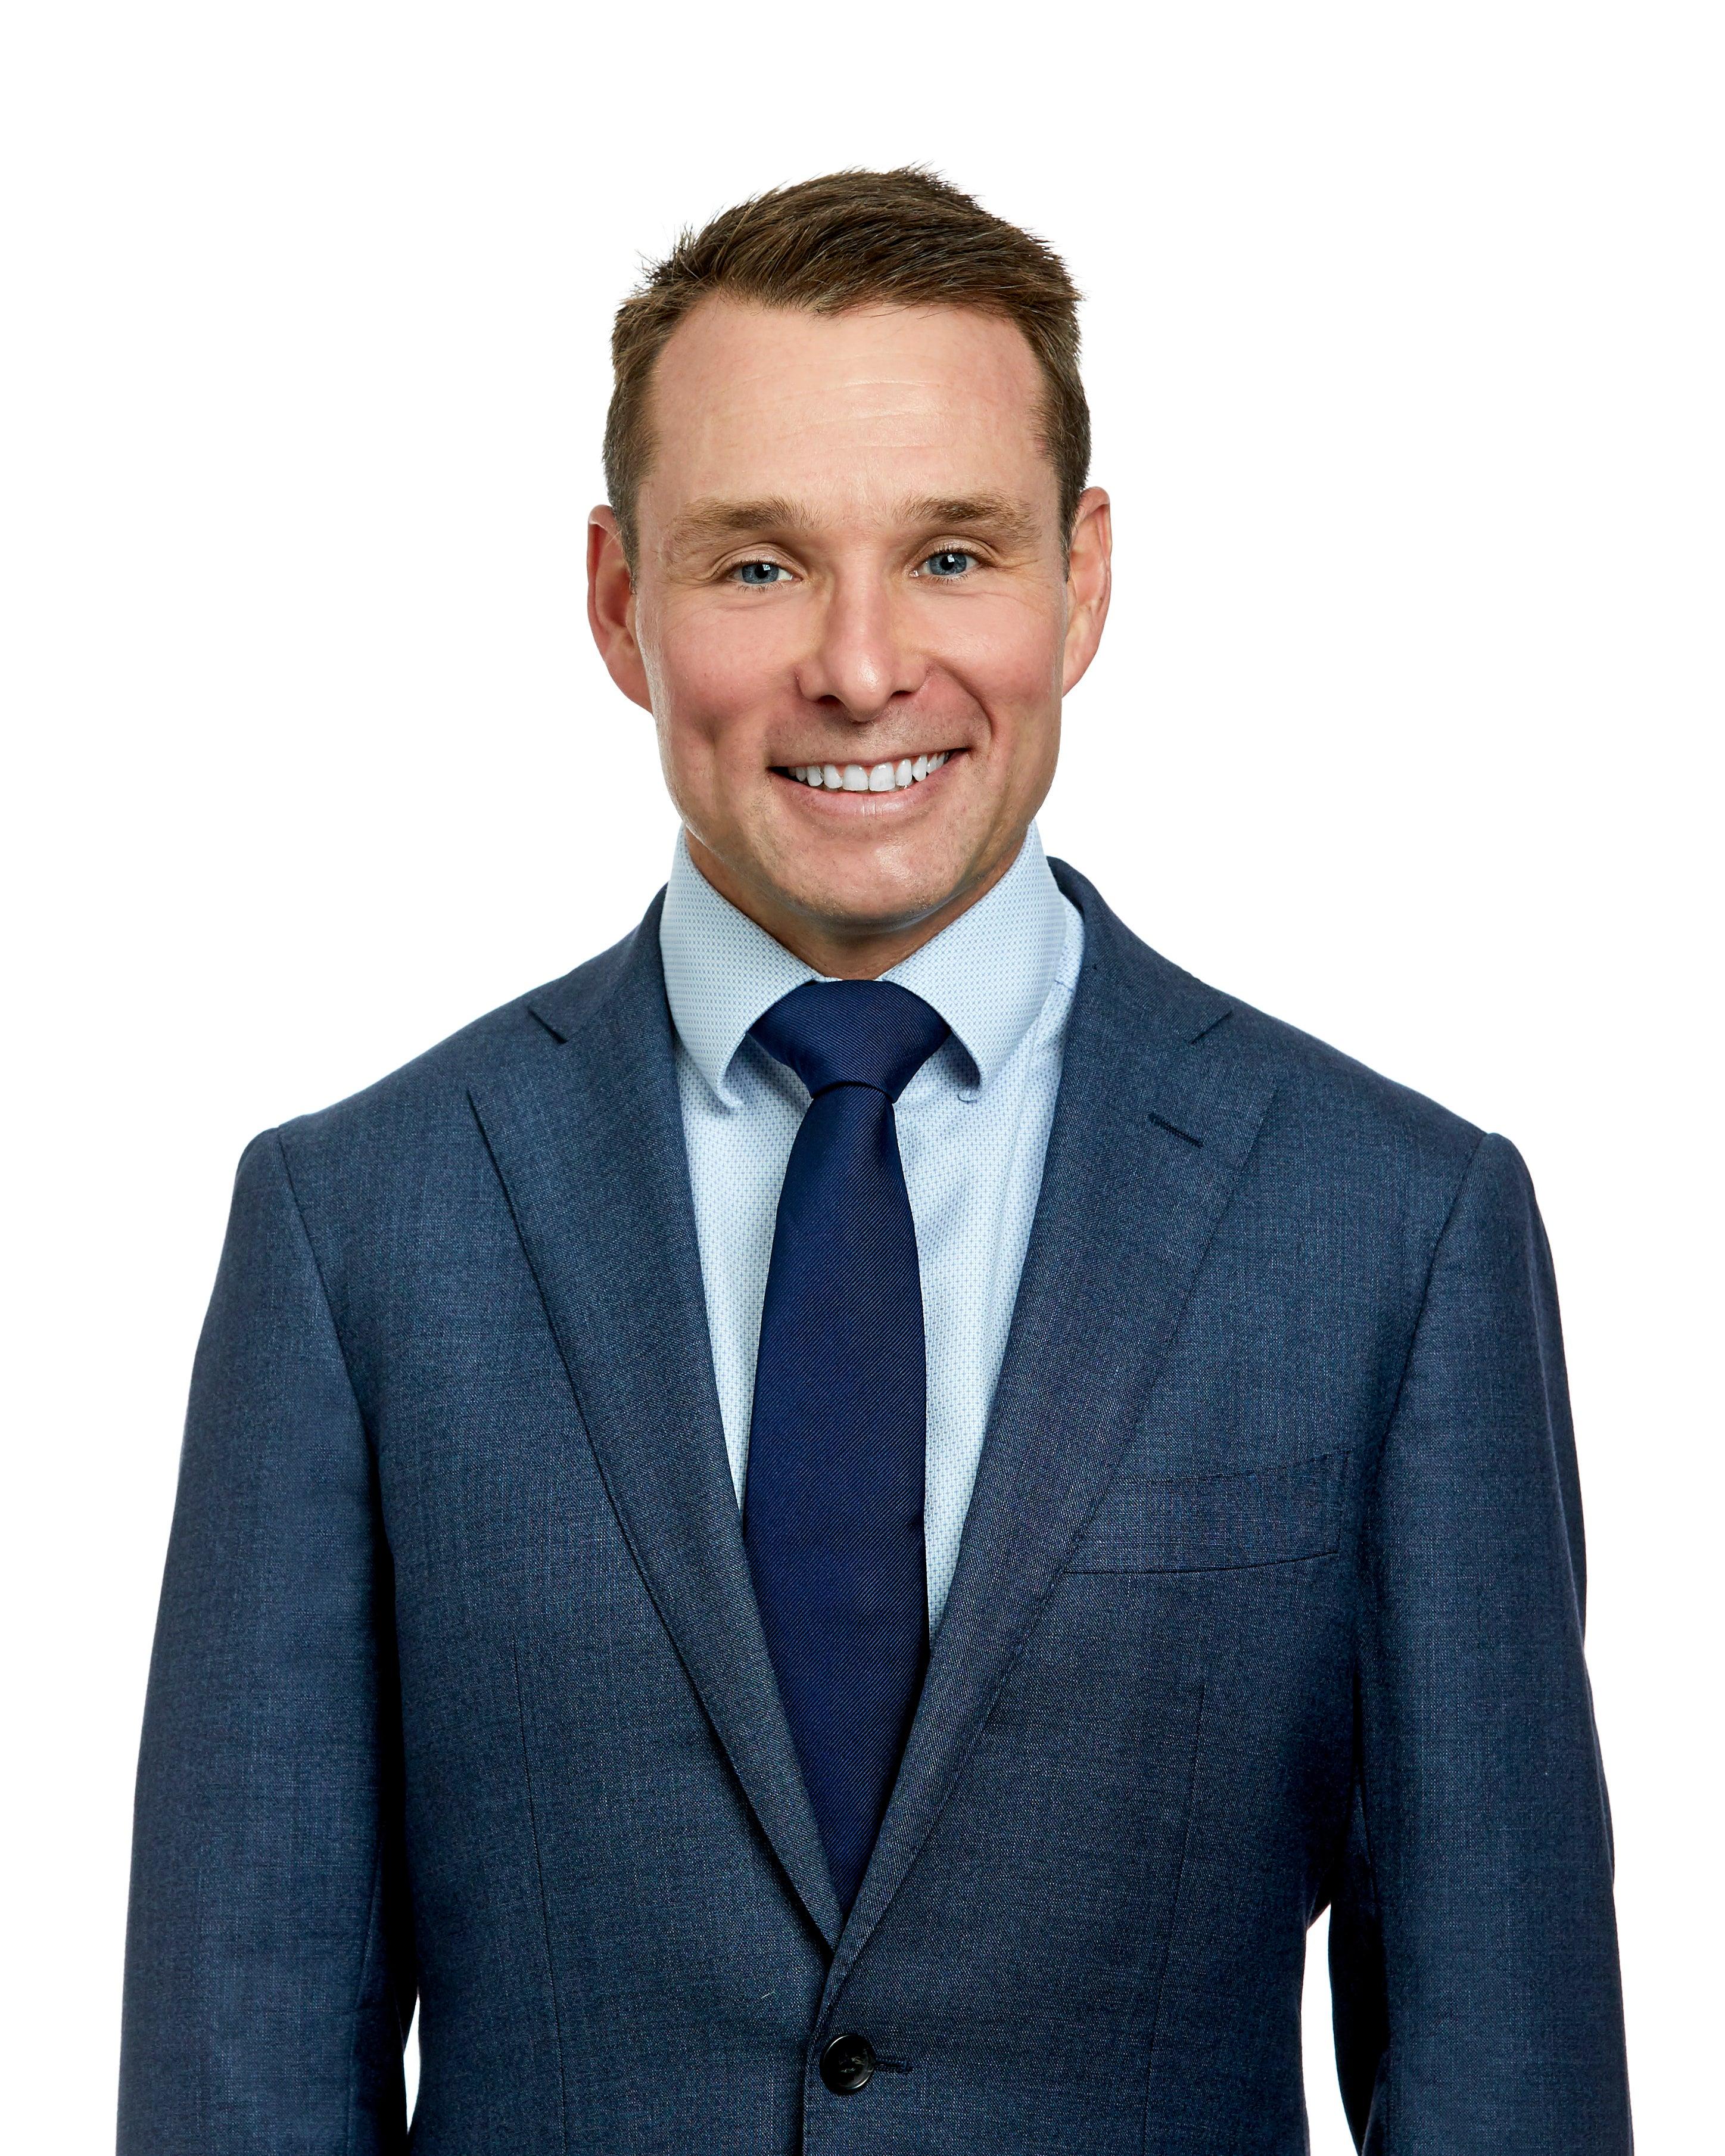 Stephen Natoli